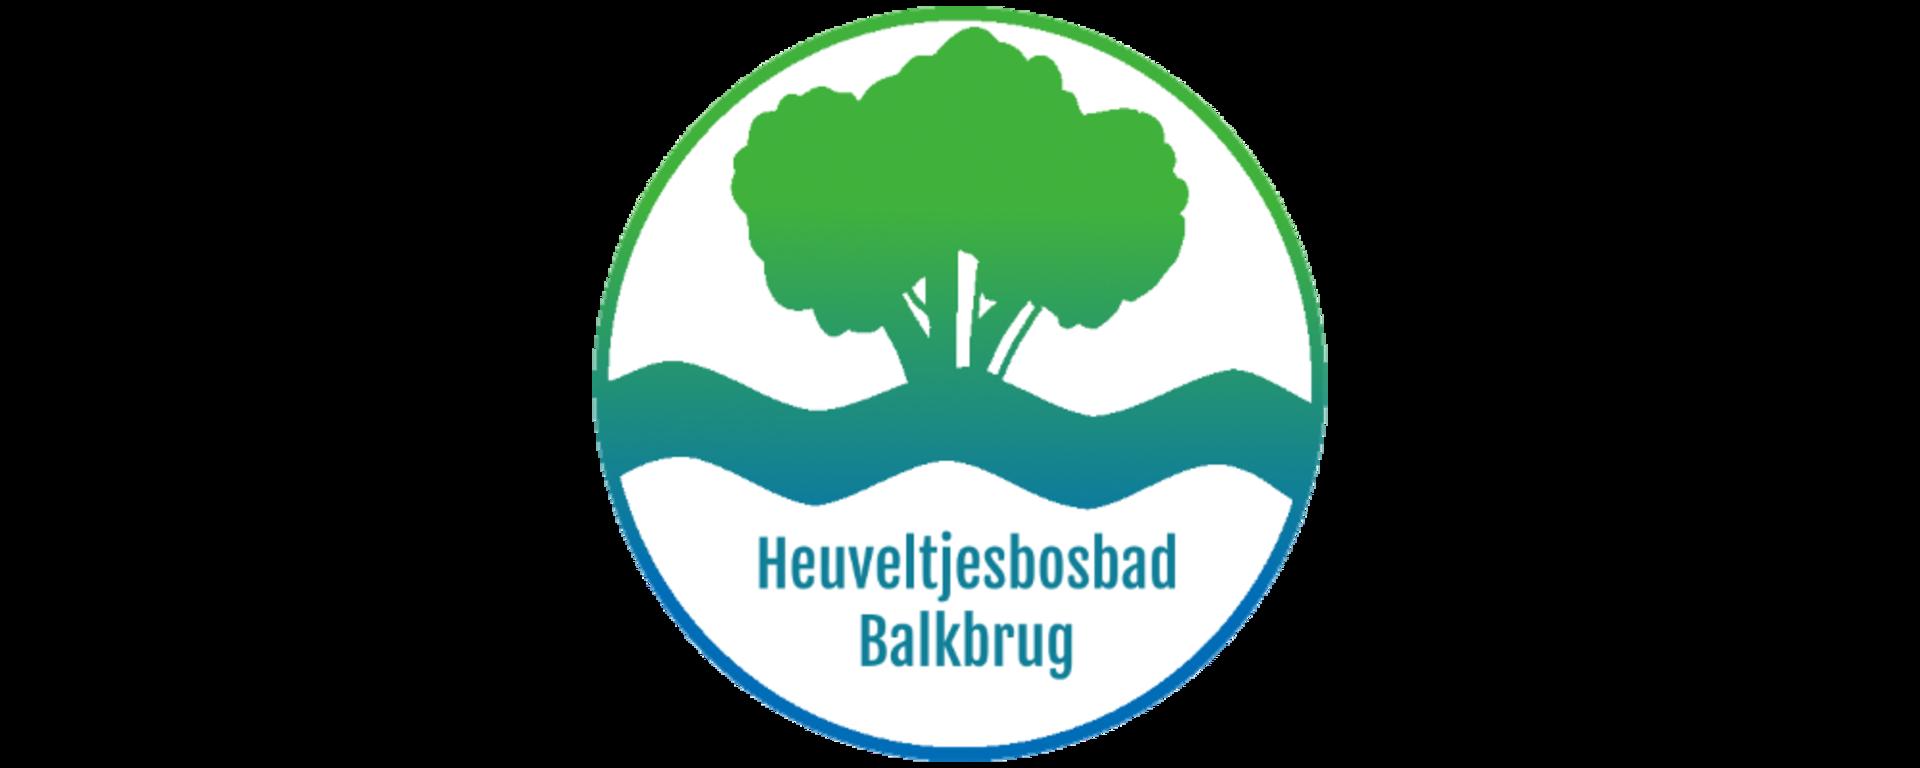 Heuveltjes Bosbad Balkbrug